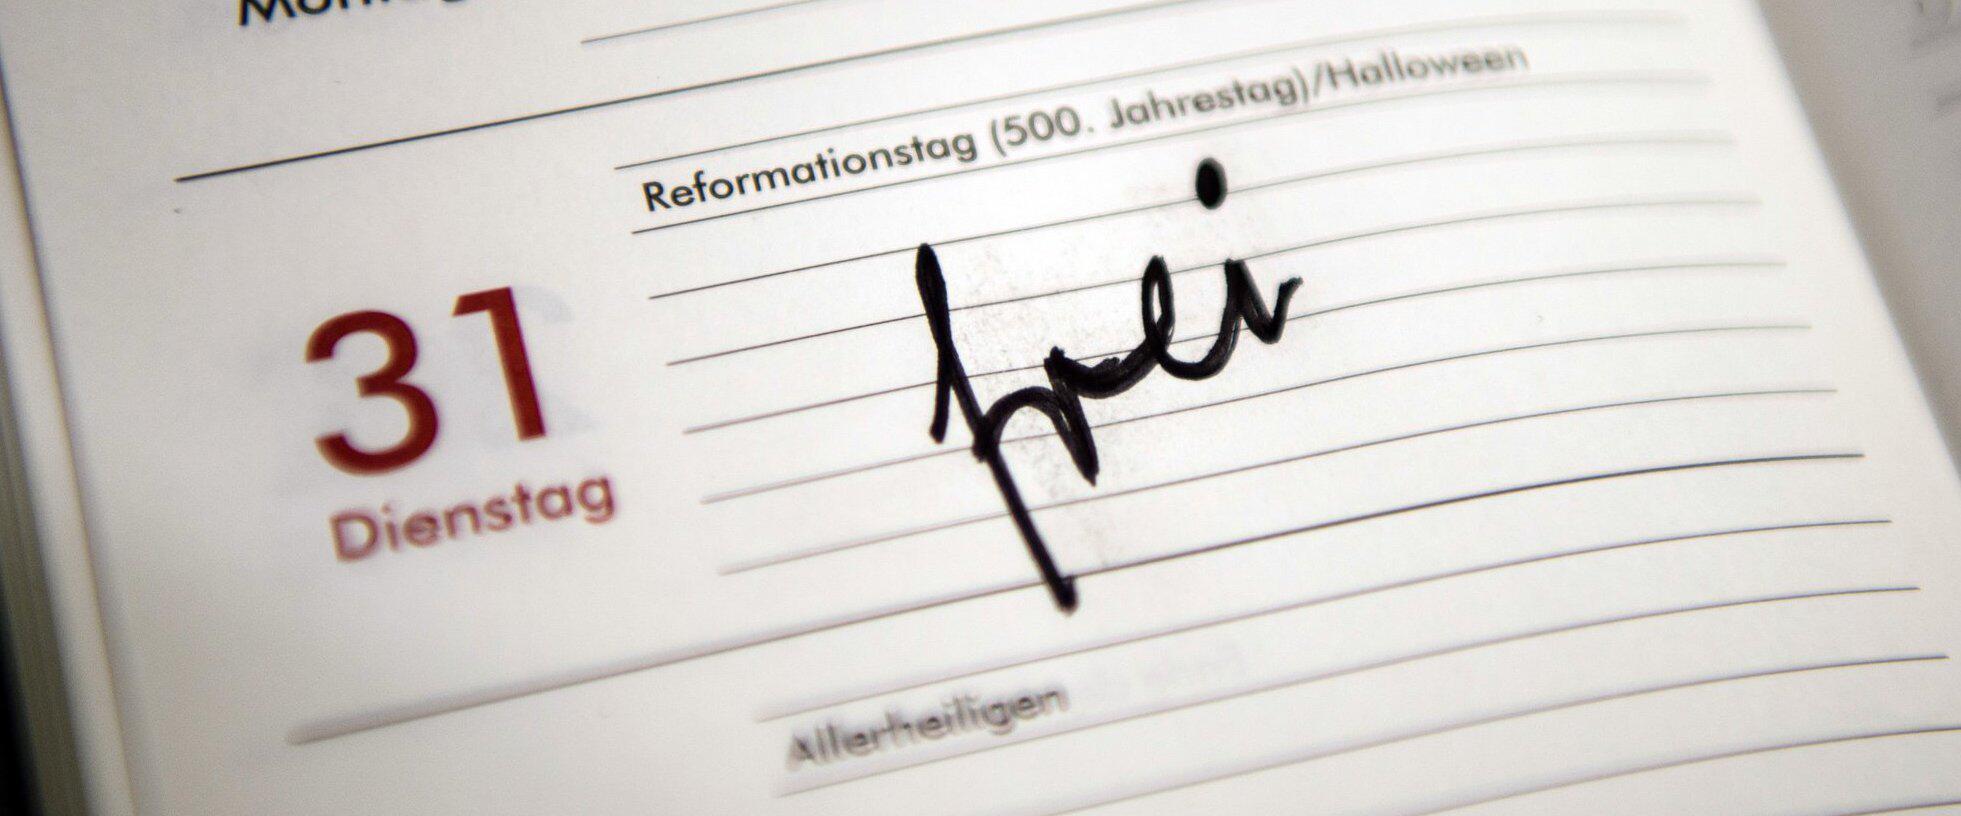 Bild zu Umfrage: Reformationstag künftig bundesweit ein Feiertag